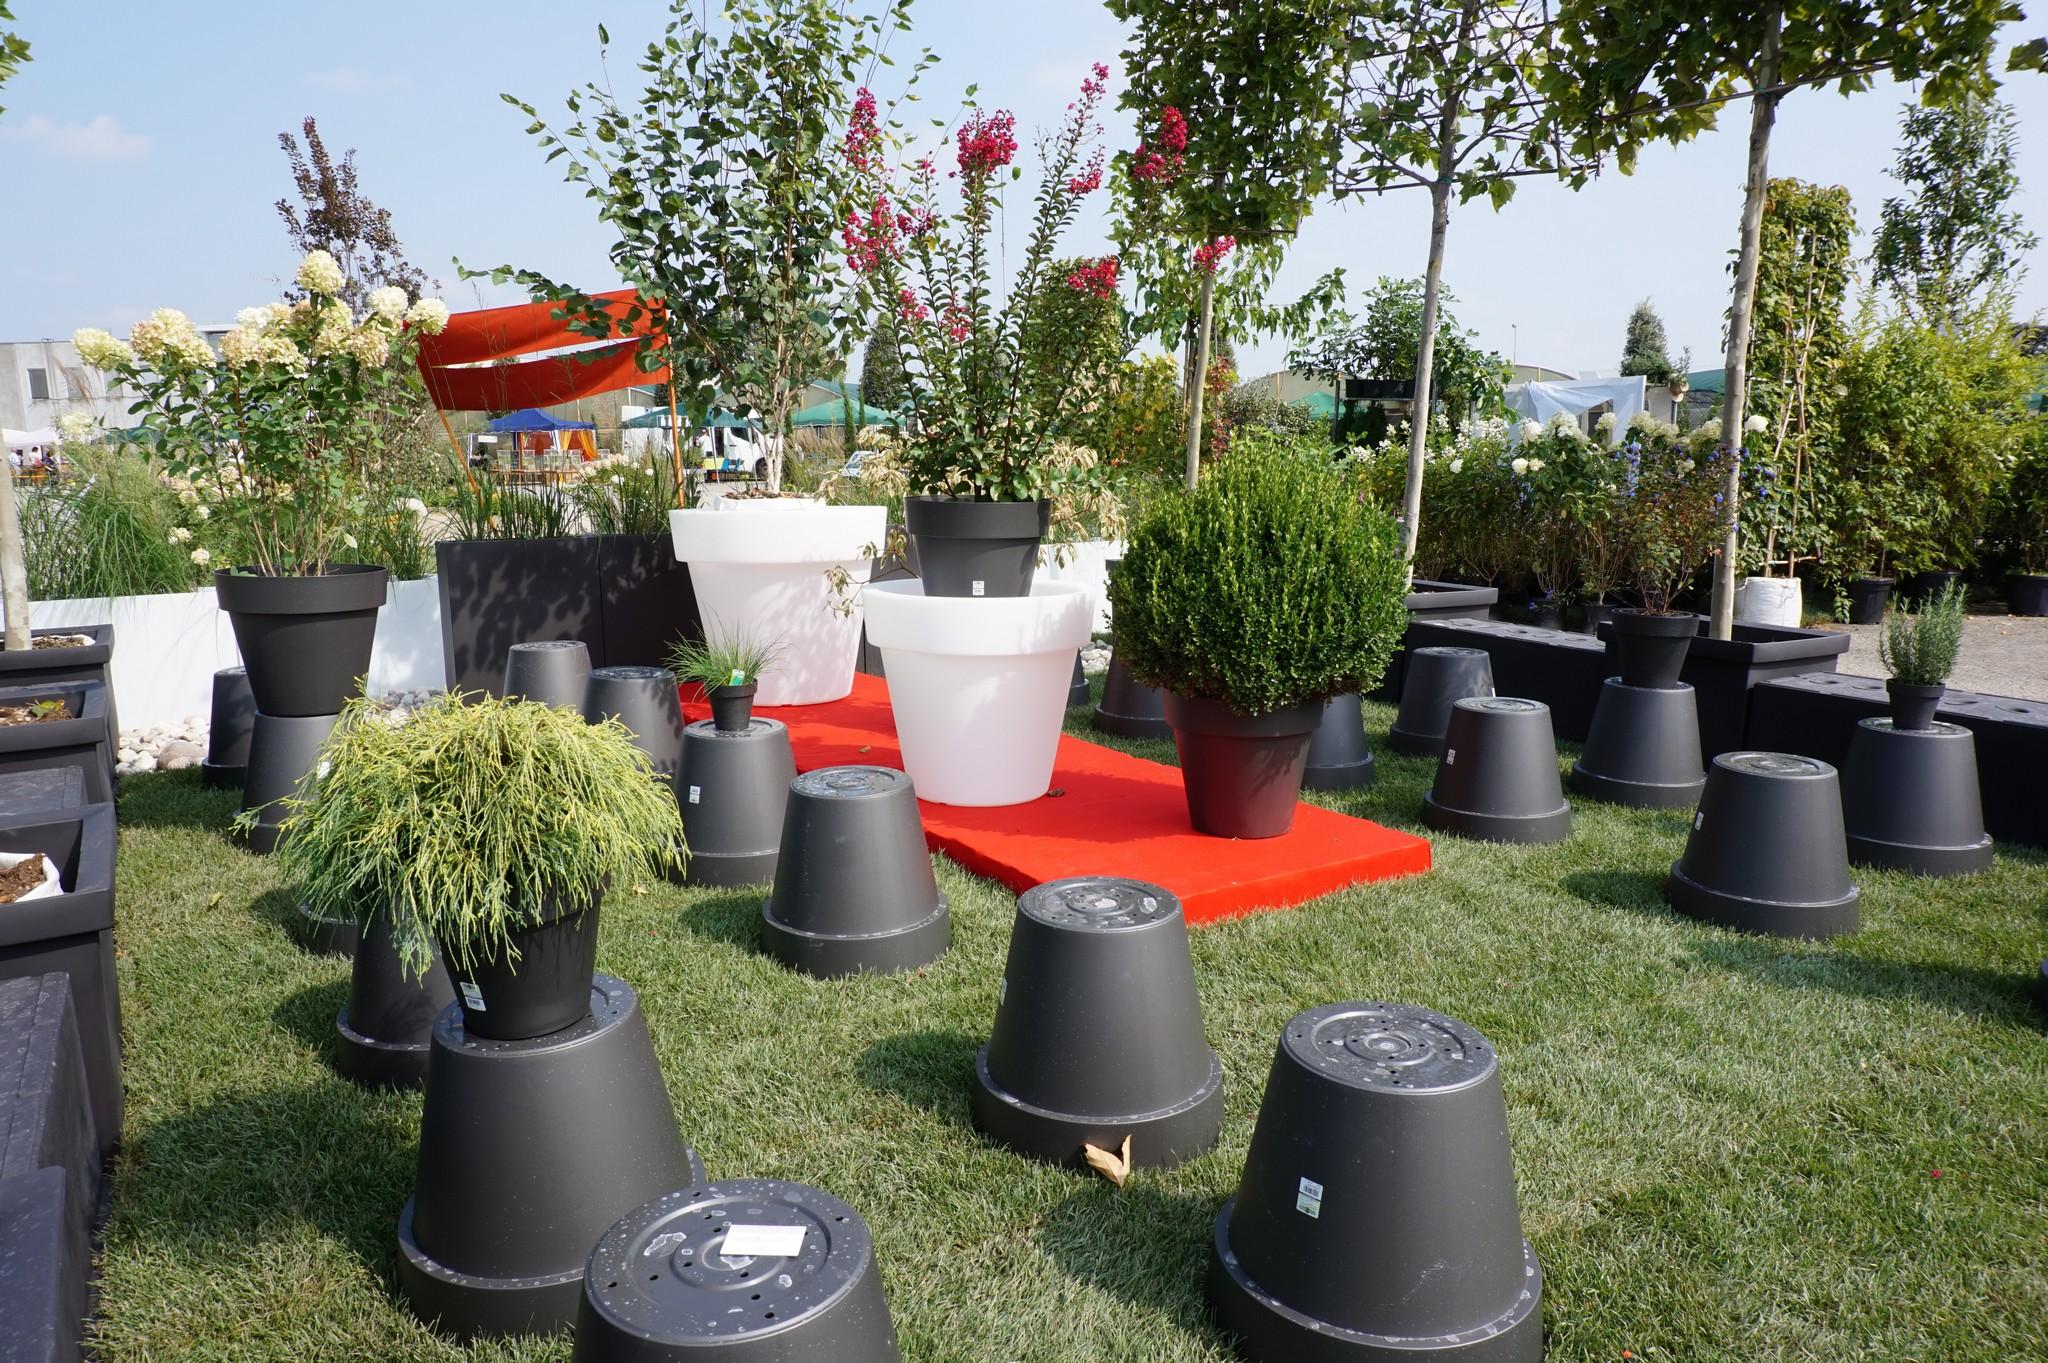 Concorso giardini Verdeggiando_78 Fashion Green Parade (7GKW3) DM Landscape Marica Succi e Domenico Dipinto